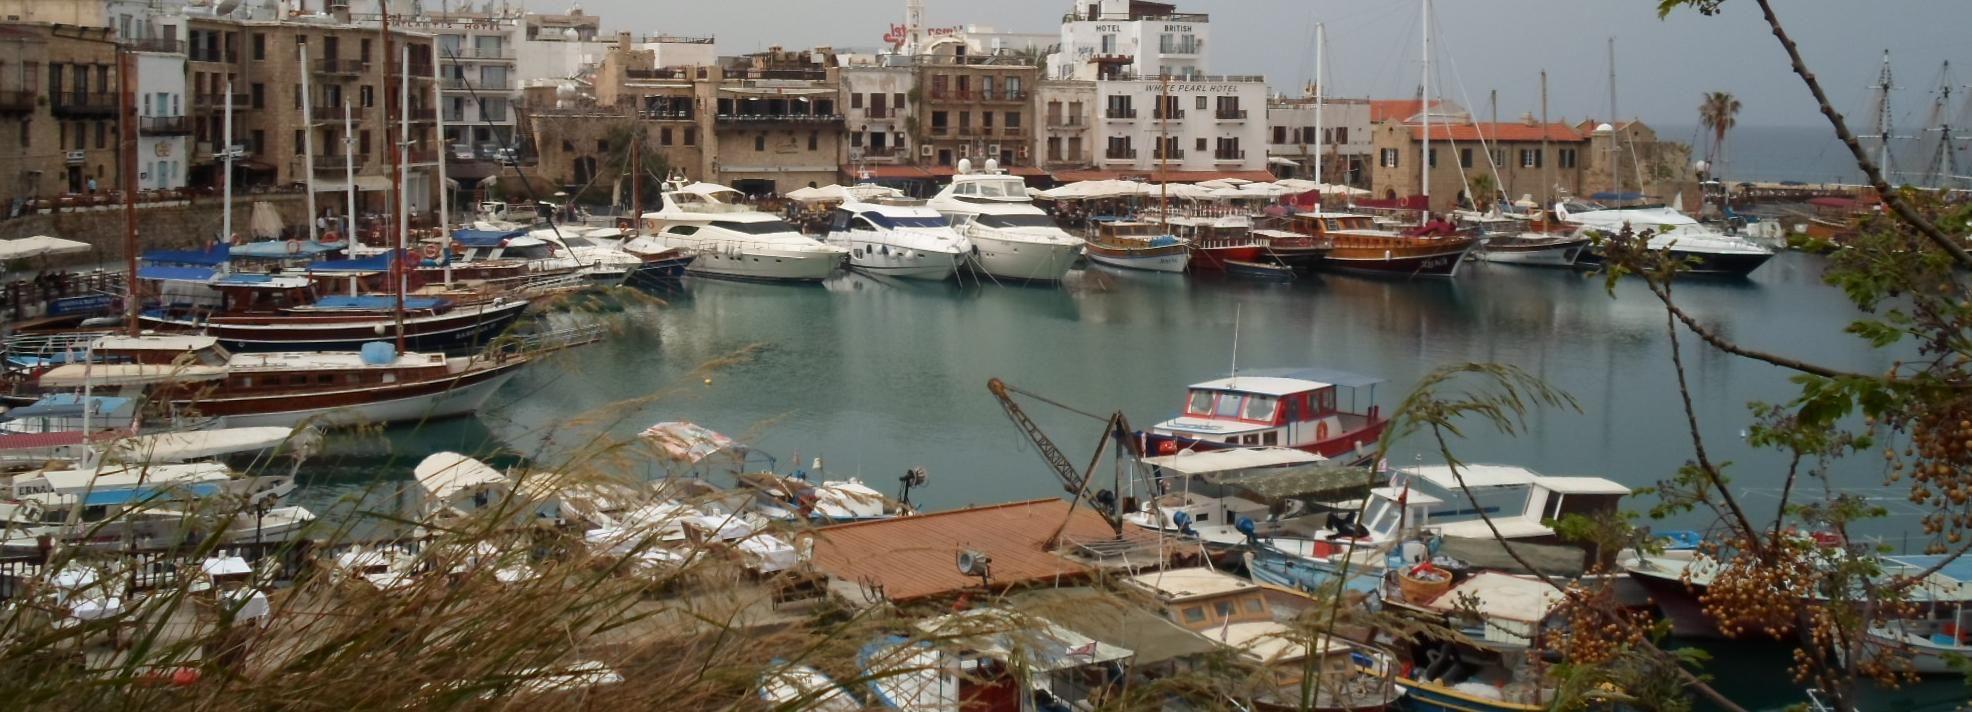 Ayia Napa: recorrido en autobús por Kerynia y Famagusta